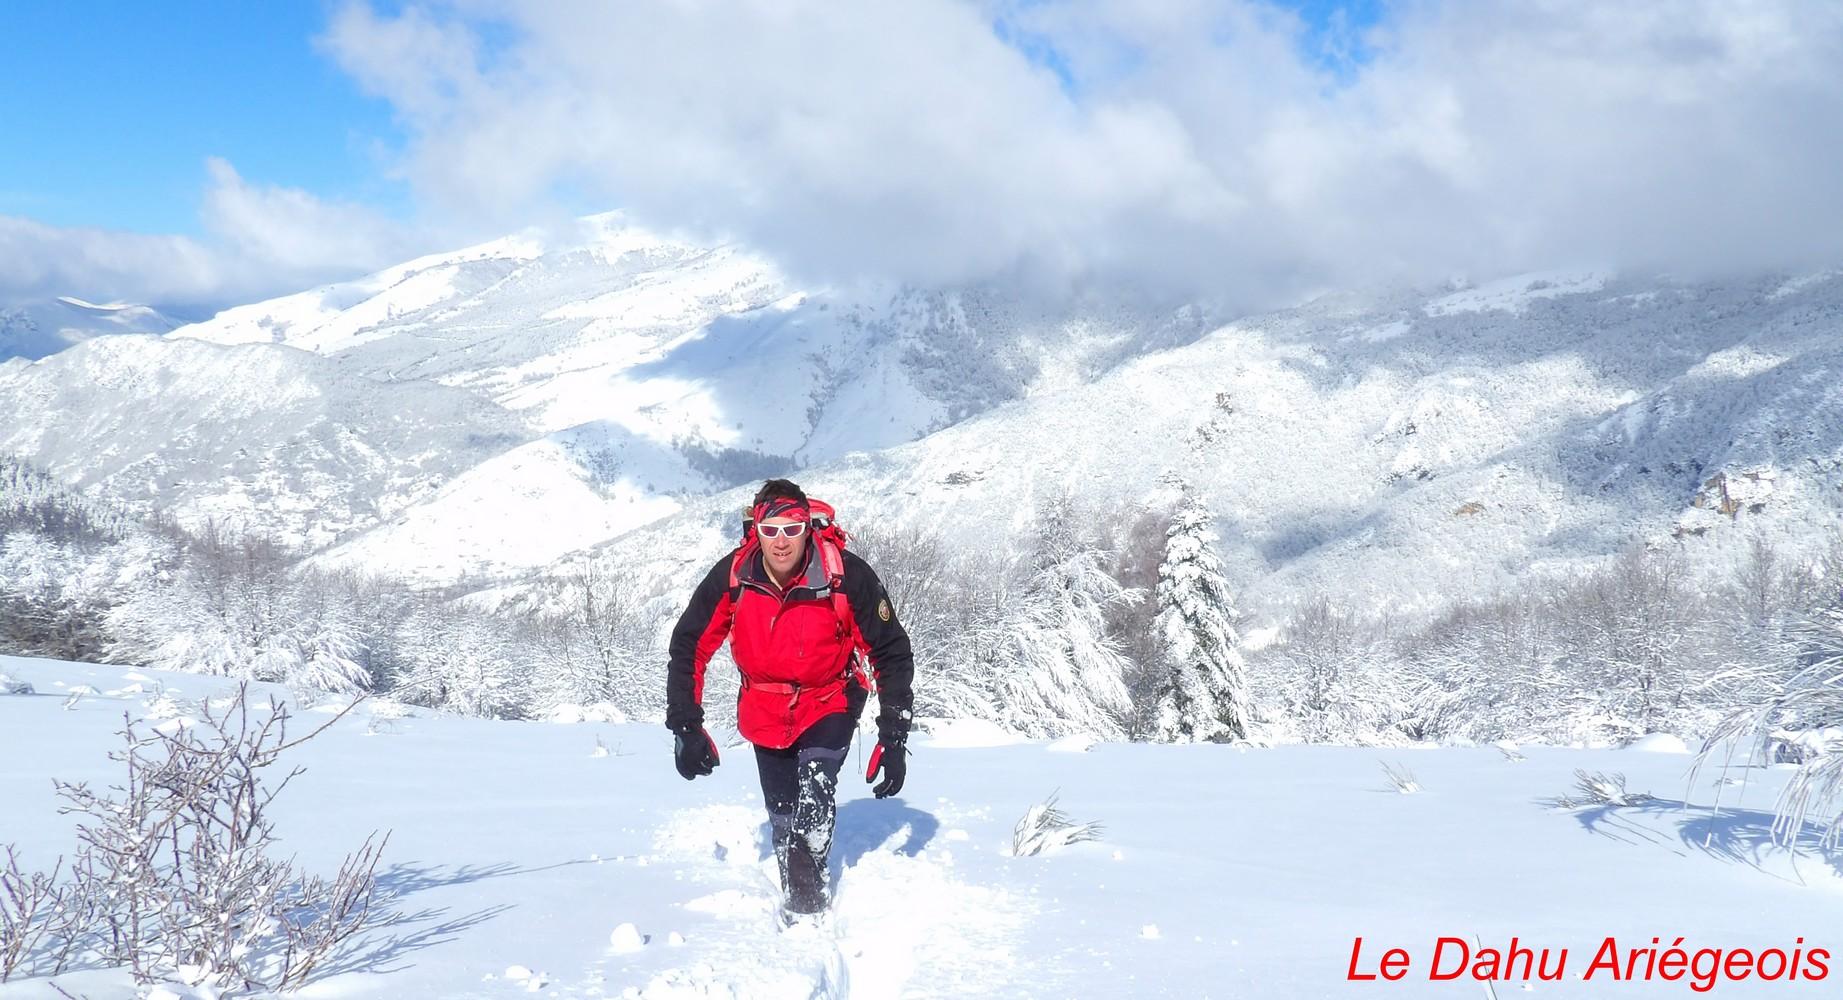 Raquettes a neige - Dahu Ariege 5